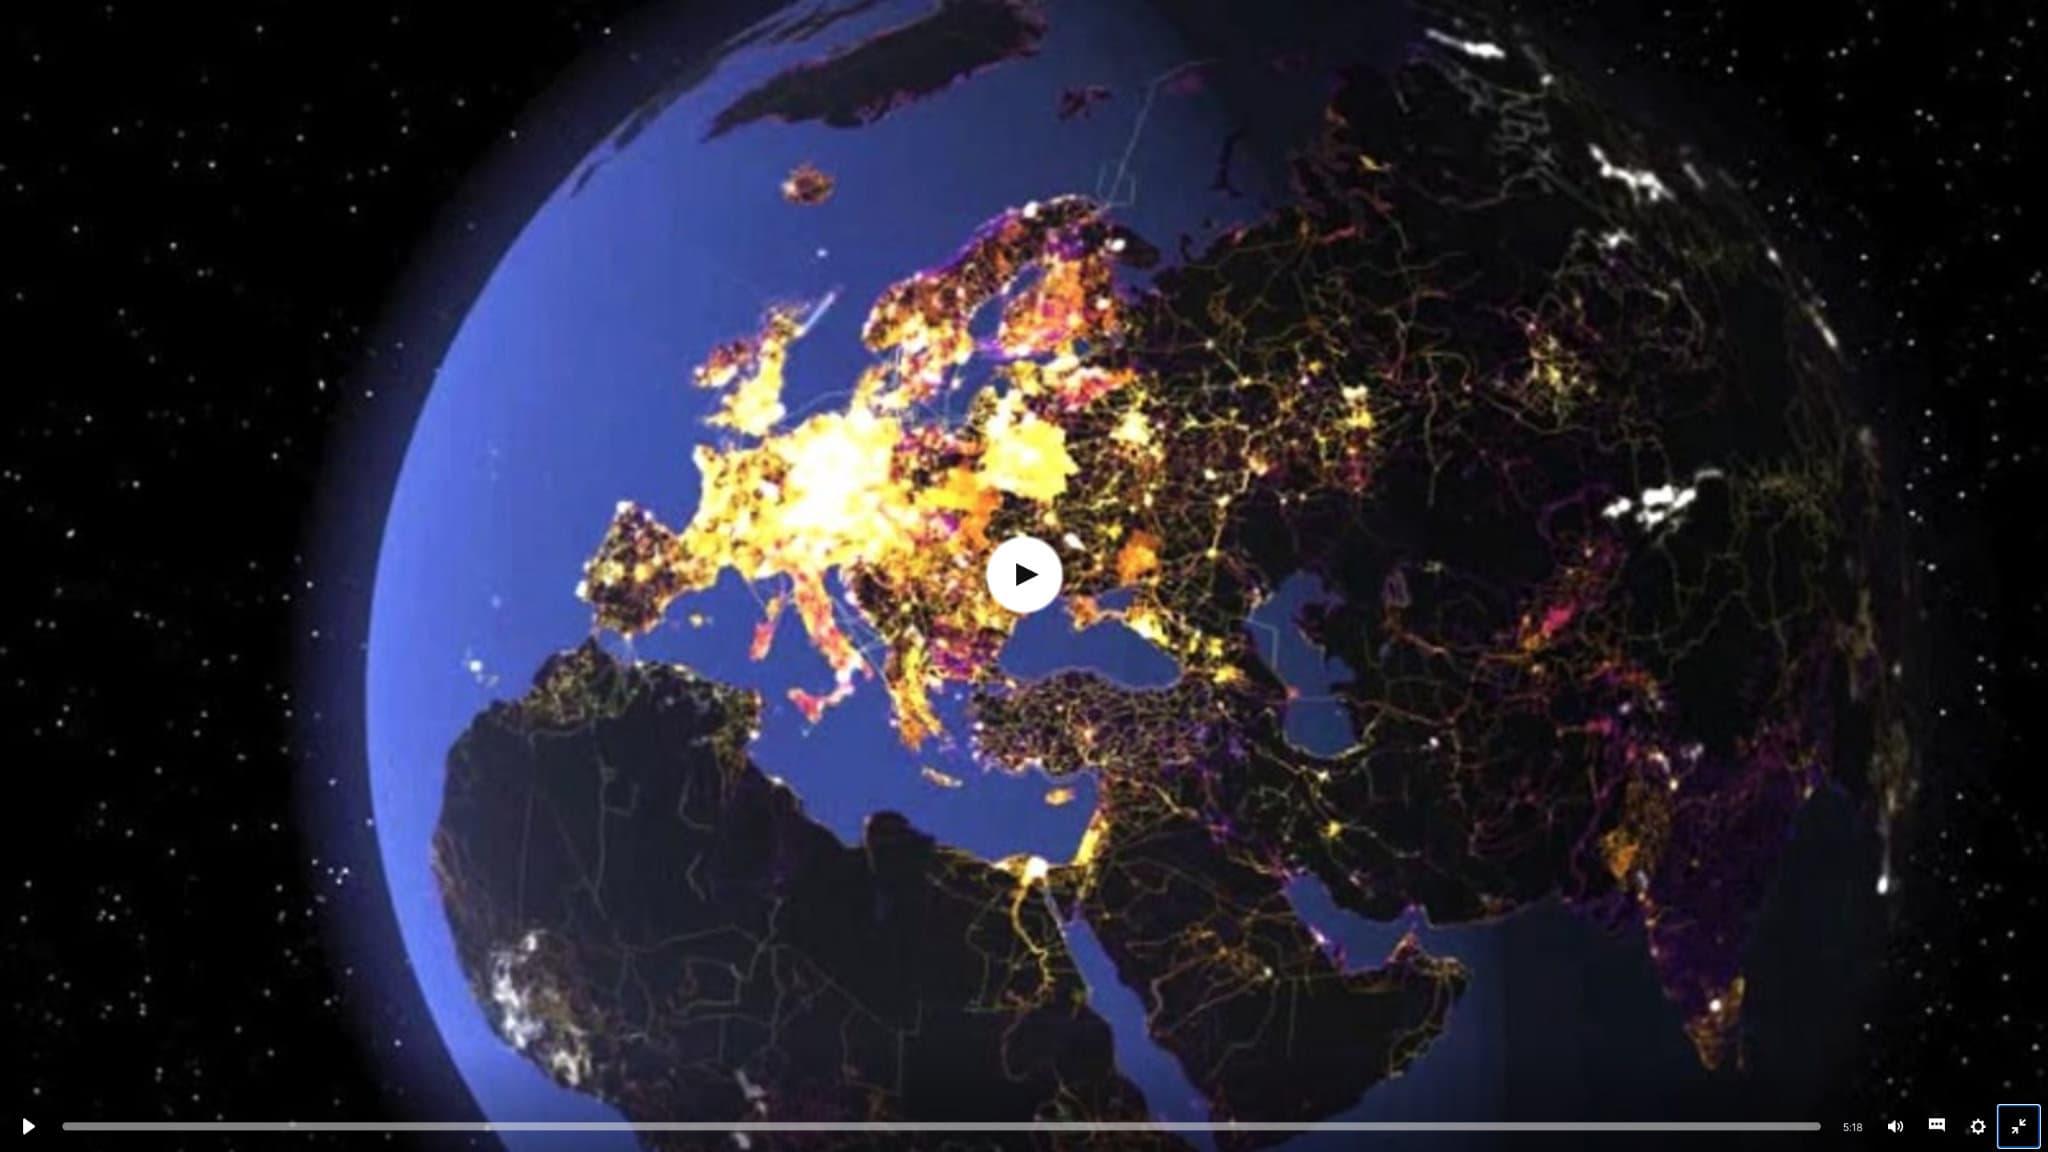 Tim Berners-Lee: L'any en què les dades de lliure accés es van globalitzar